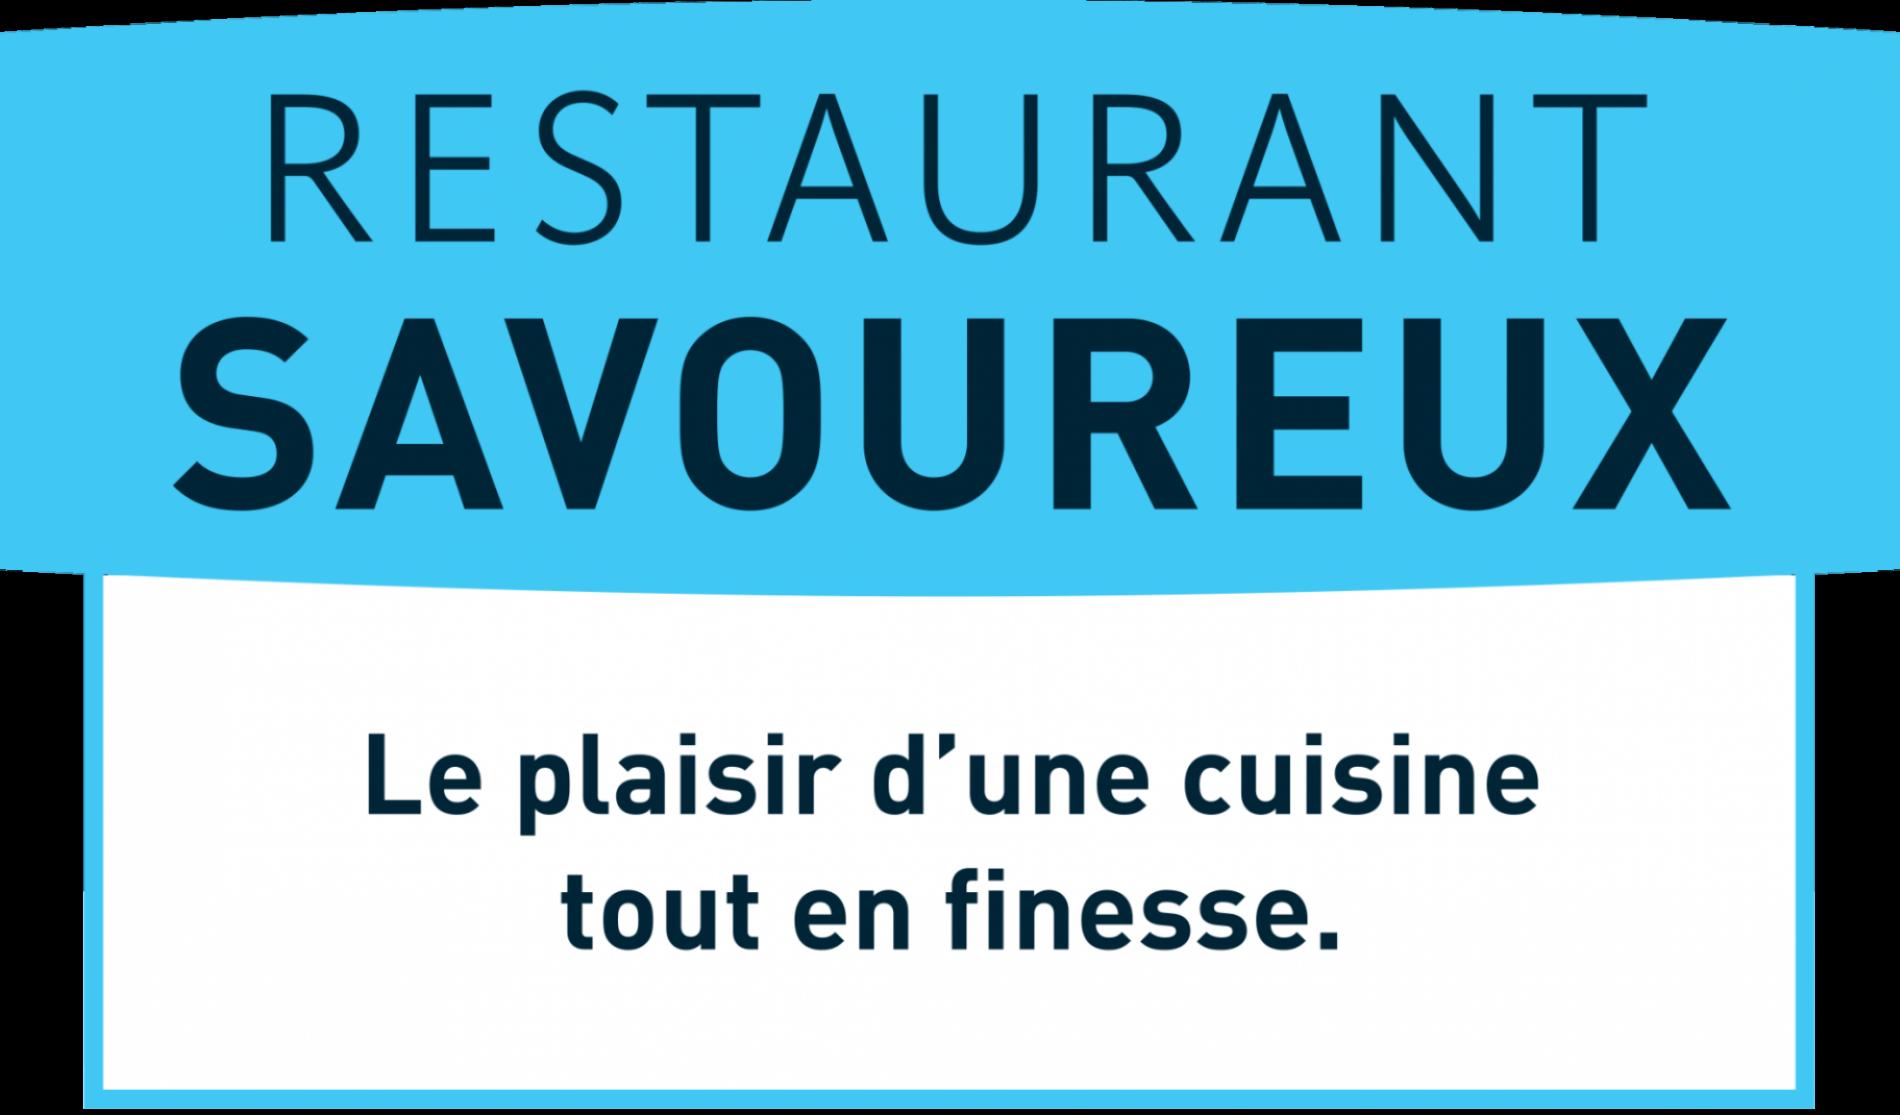 Logis restaurant savoureux, Domaine du Moulin Cavier - Angers